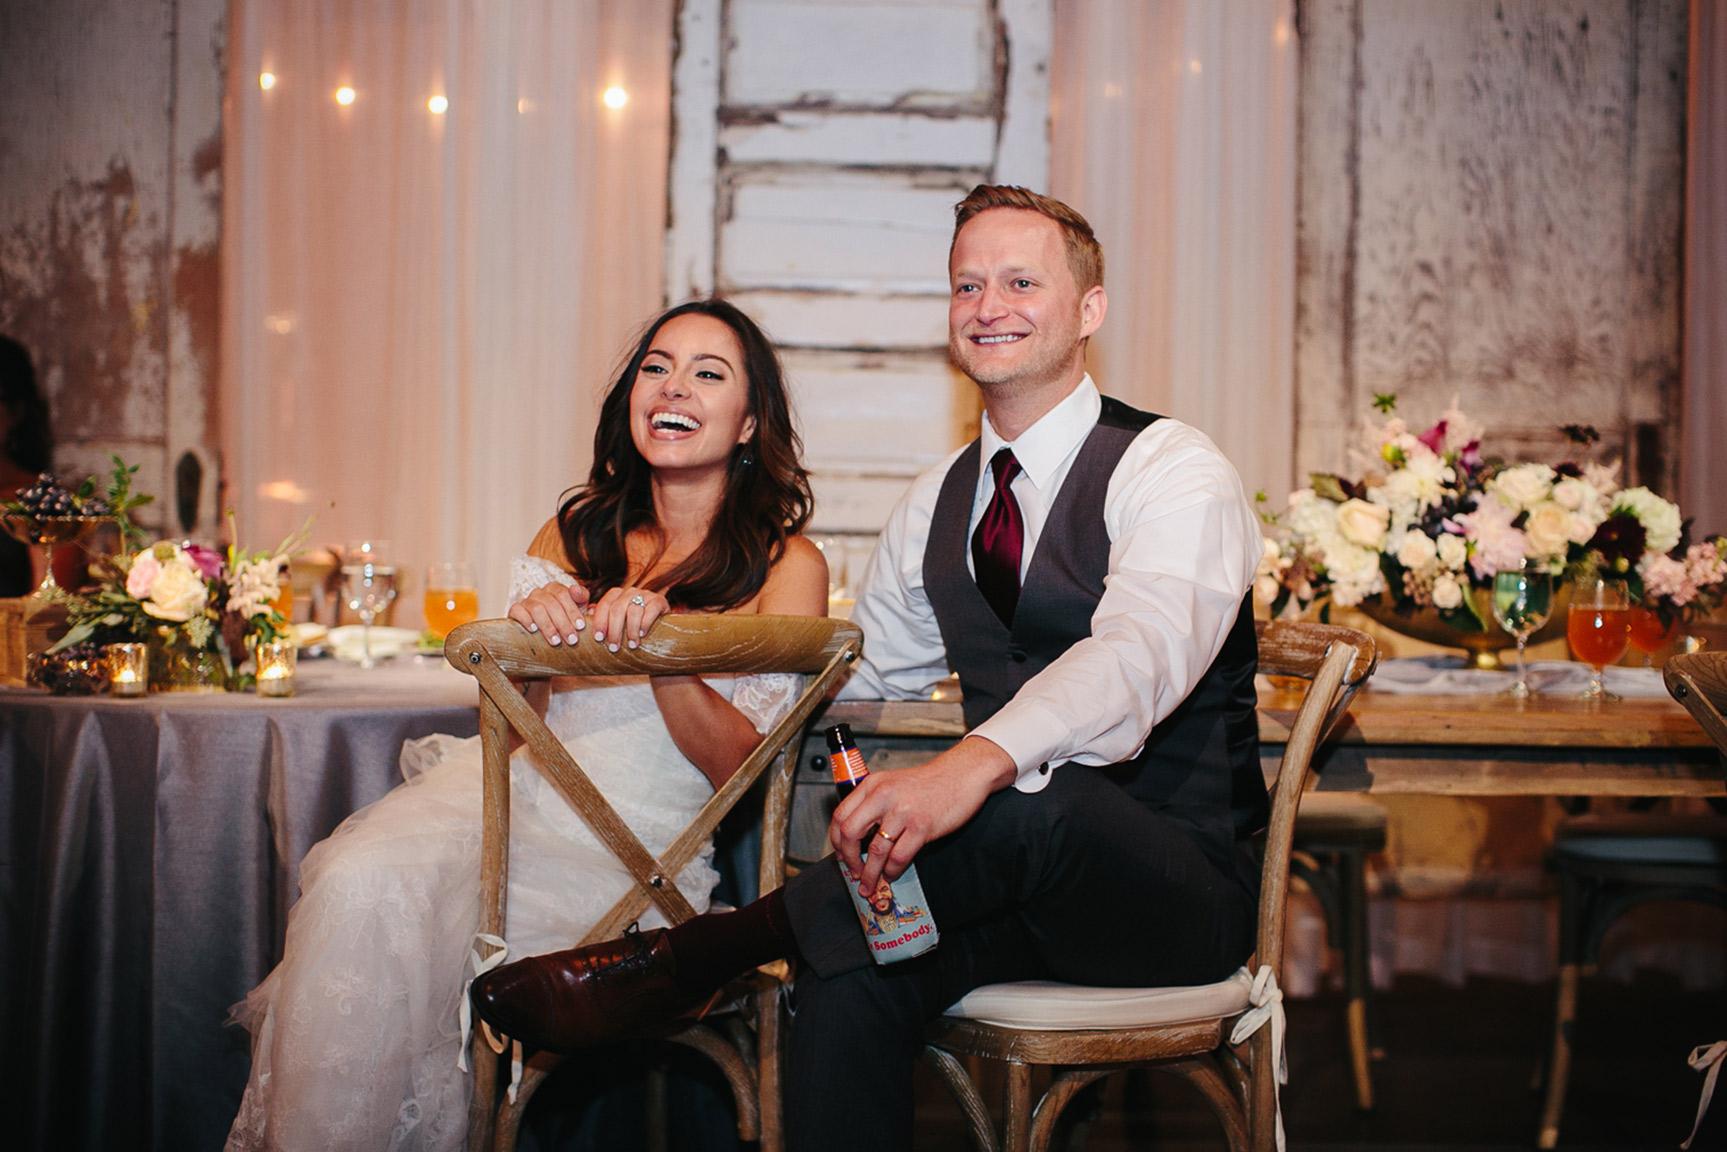 Nashville_WeddingPhotographer_039.jpg